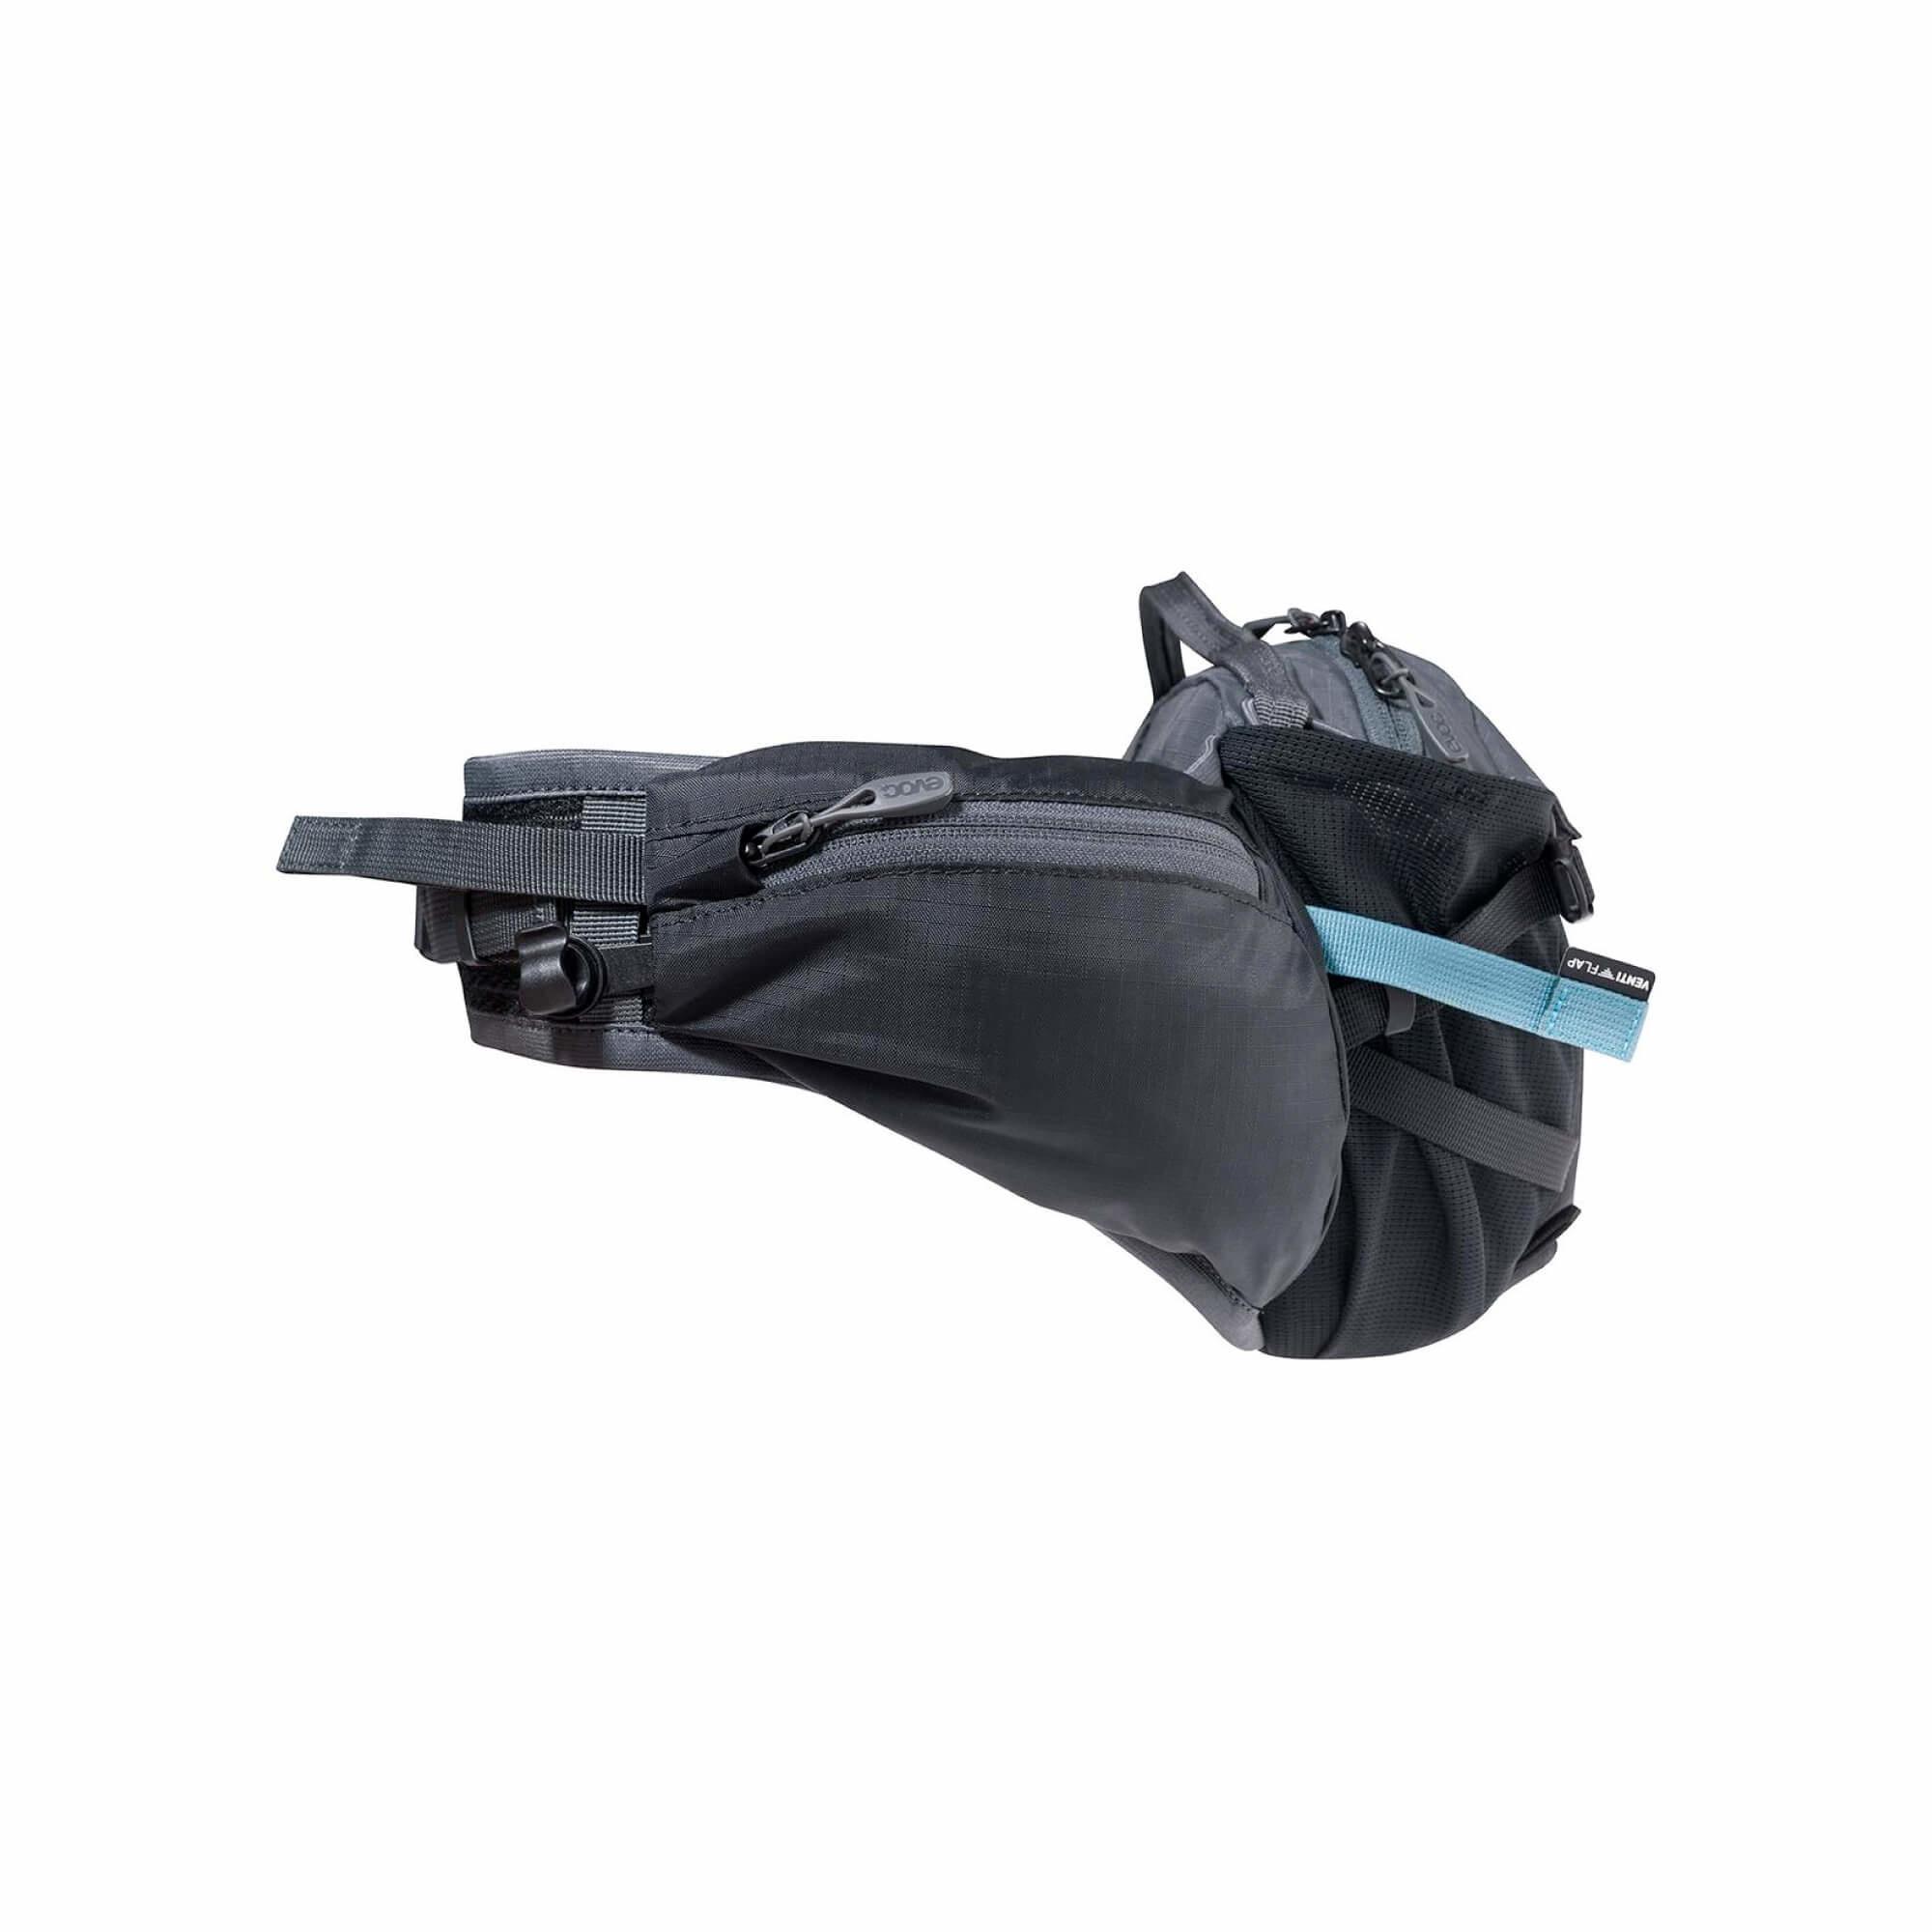 Hip Pack Pro 3L + 1.5L Bladder-6